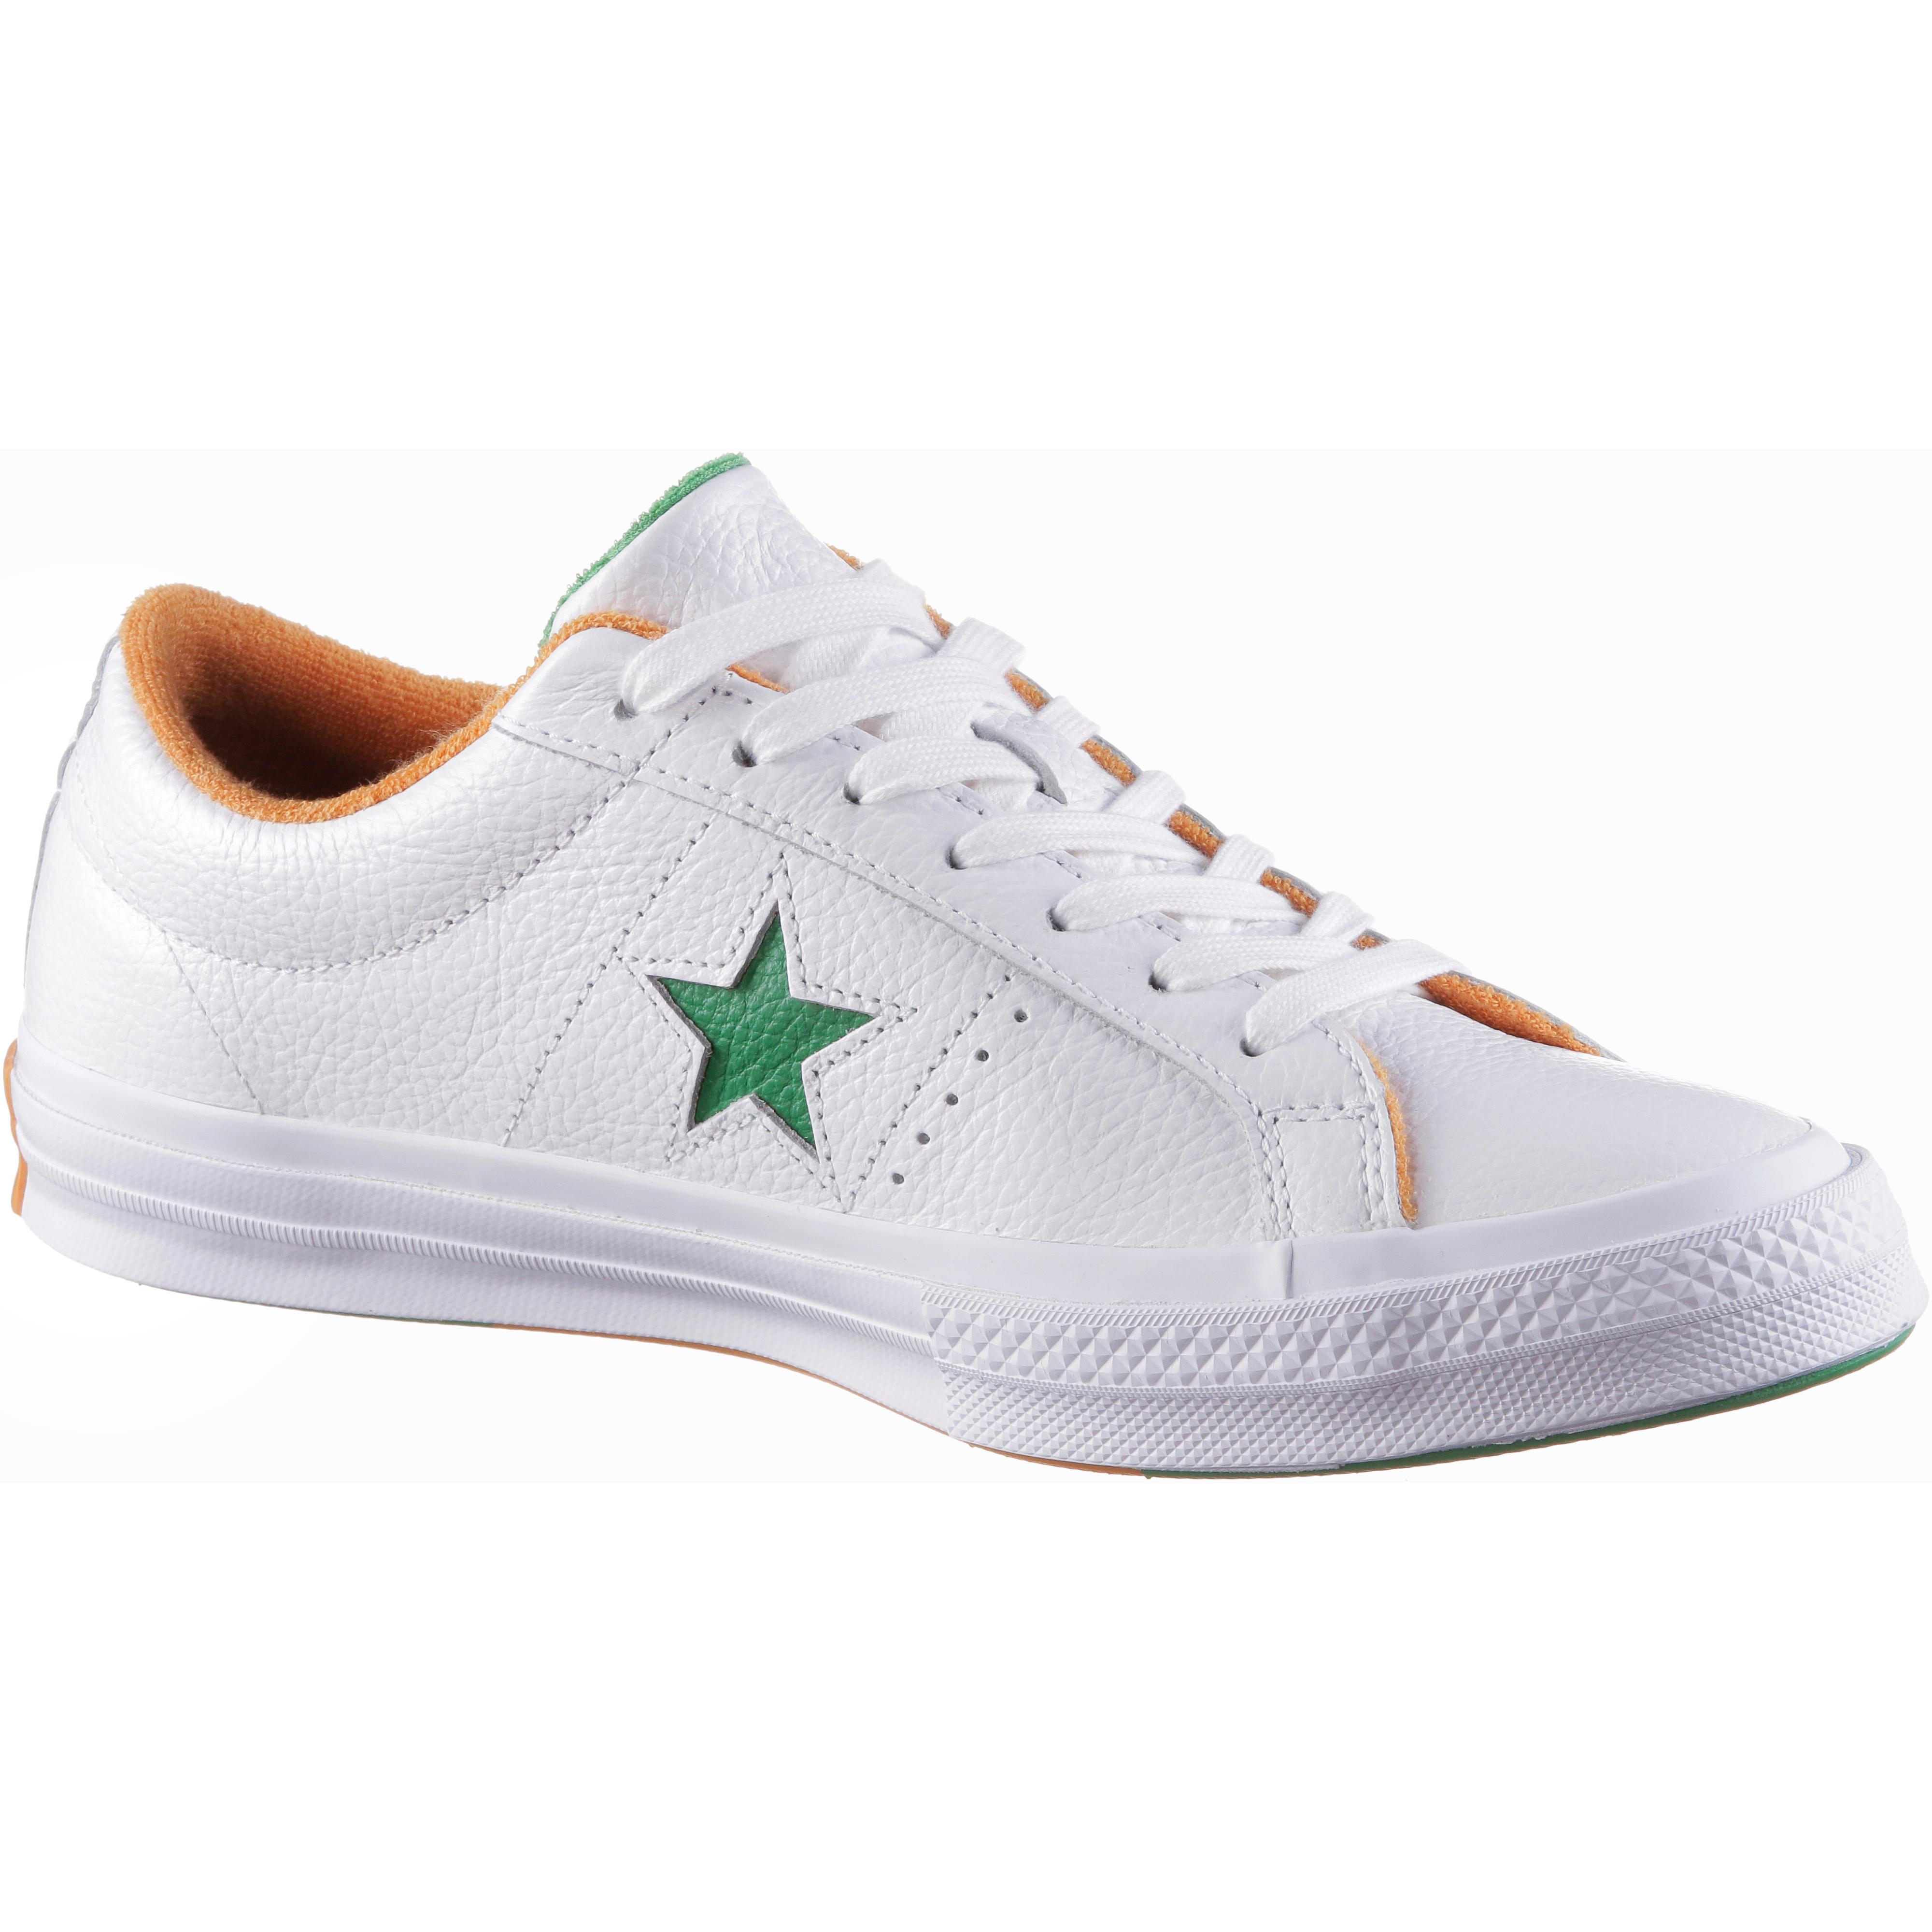 CONVERSE ONE STAR Sneaker Herren Herren Herren white-athletic navy im Online Shop von SportScheck kaufen Gute Qualität beliebte Schuhe 532461